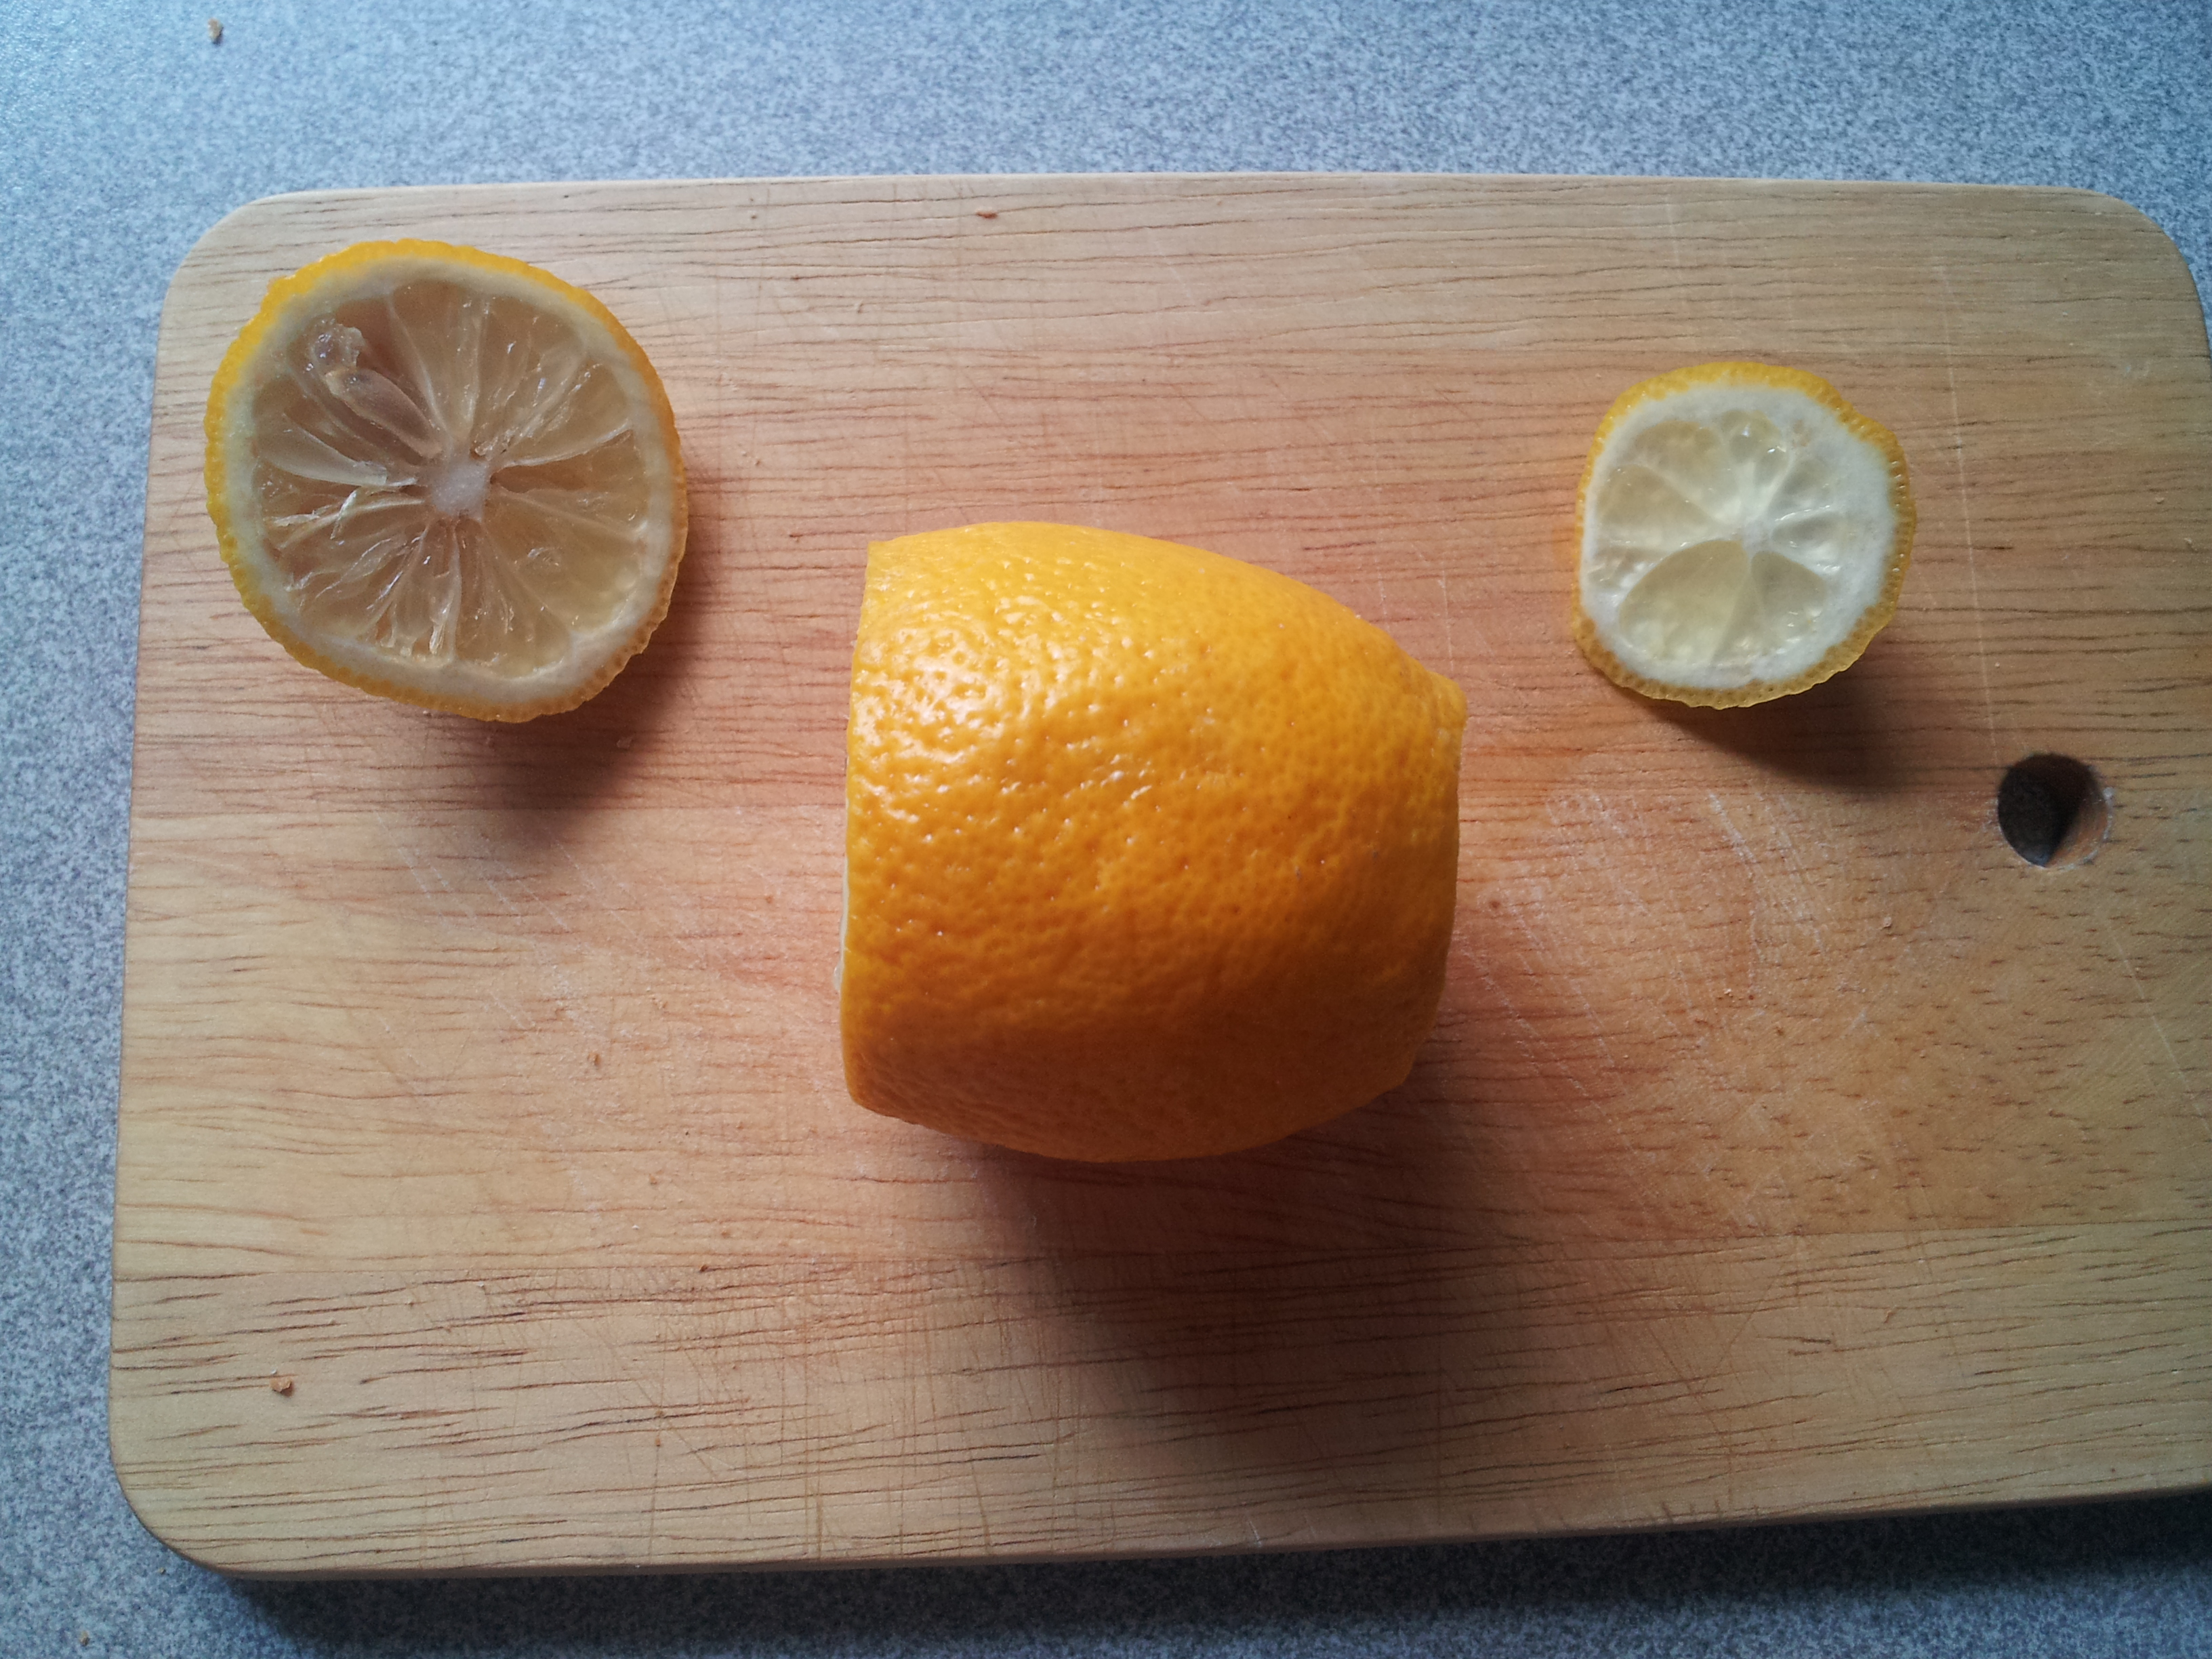 Zitronenkopf Shisha Anleitung Schritt 1